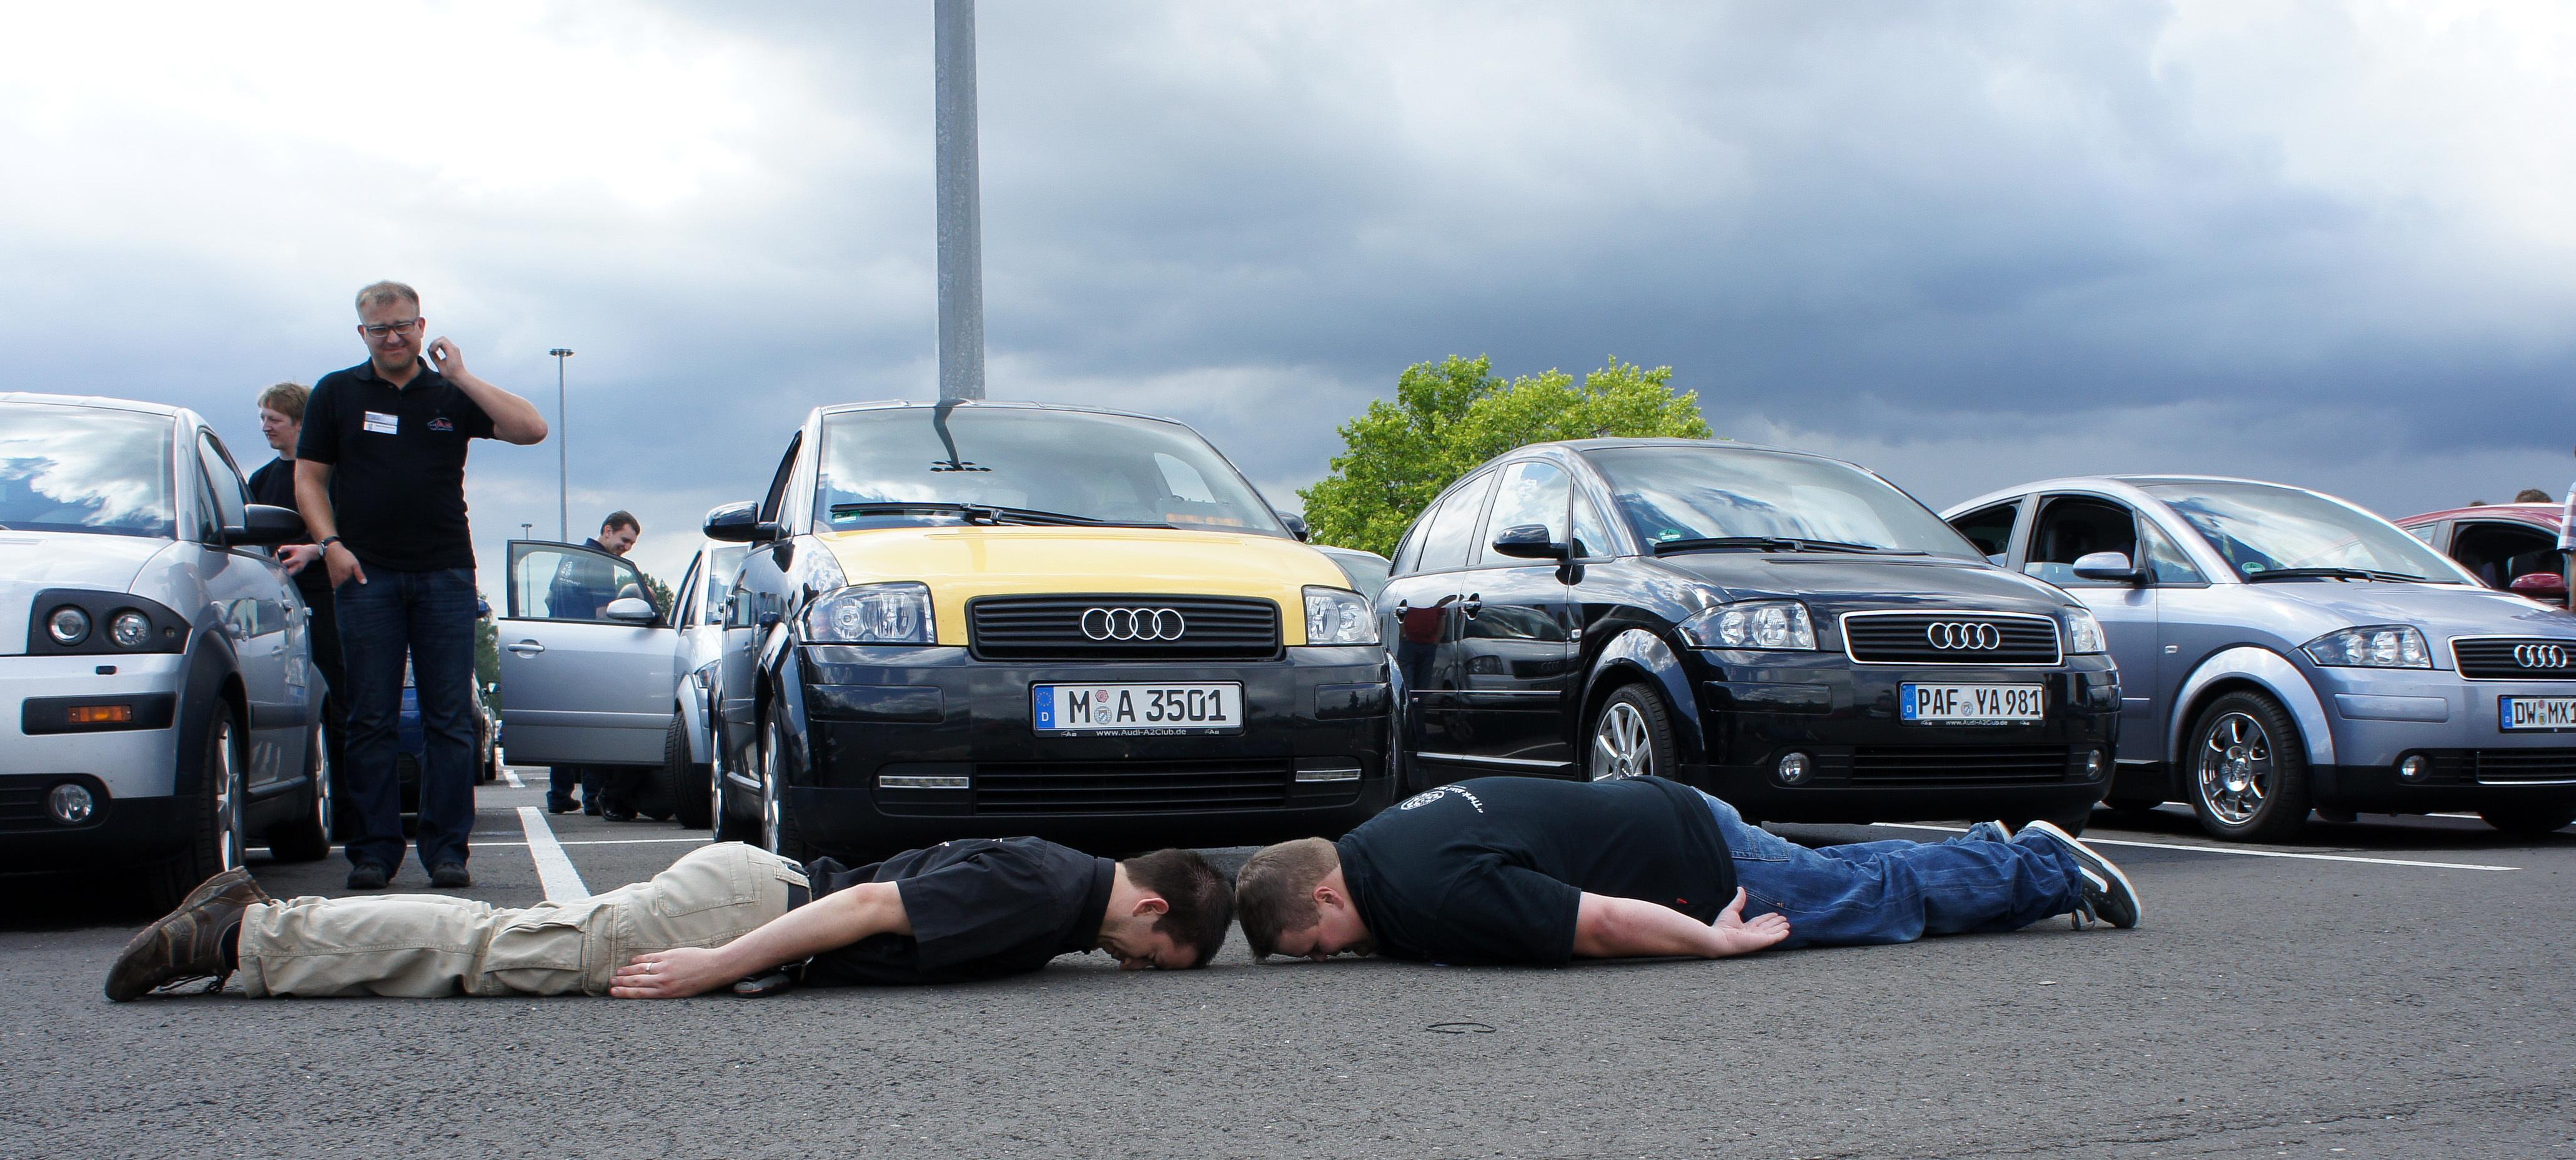 Planking und Hagel